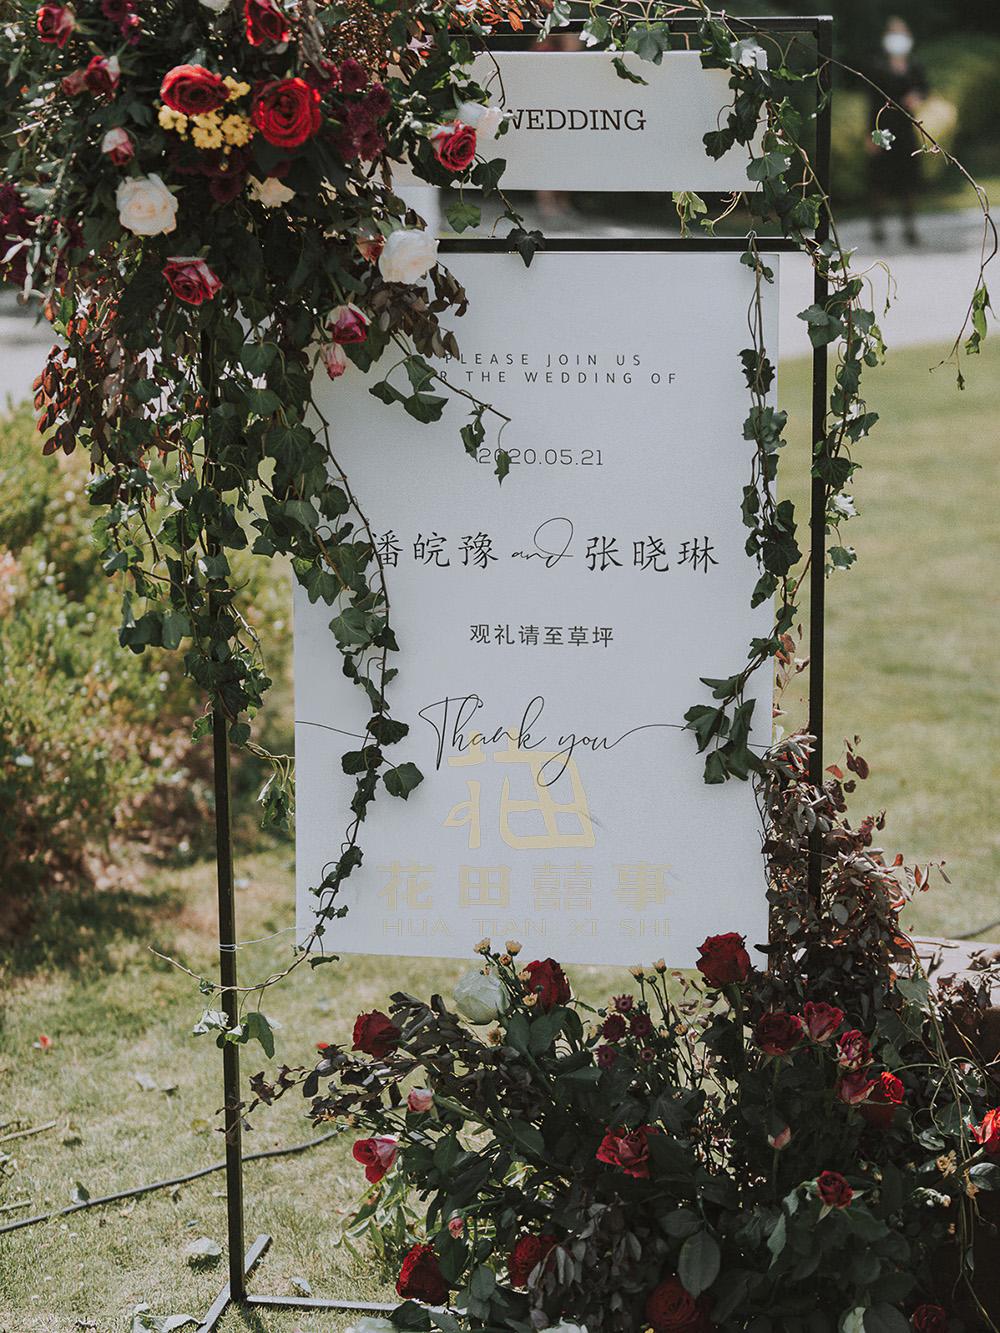 兰州婚庆公司